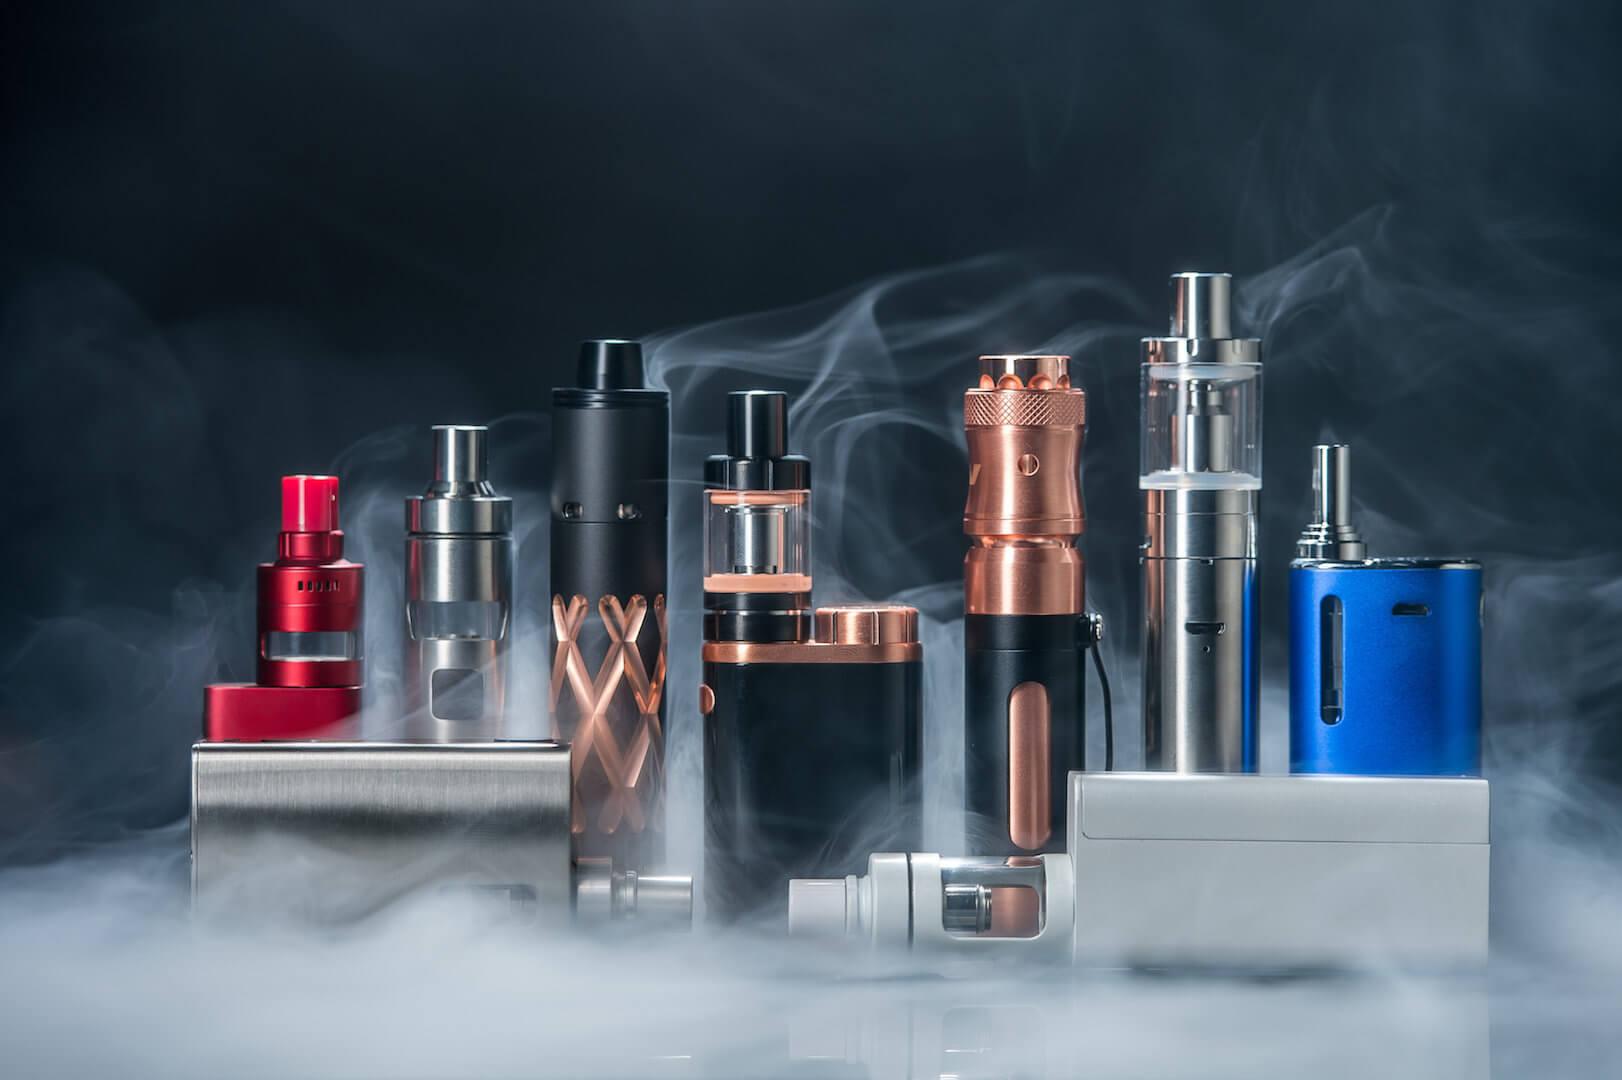 Een e-sigaret kan uitkomst bieden verschillende soorten e-sigaretten